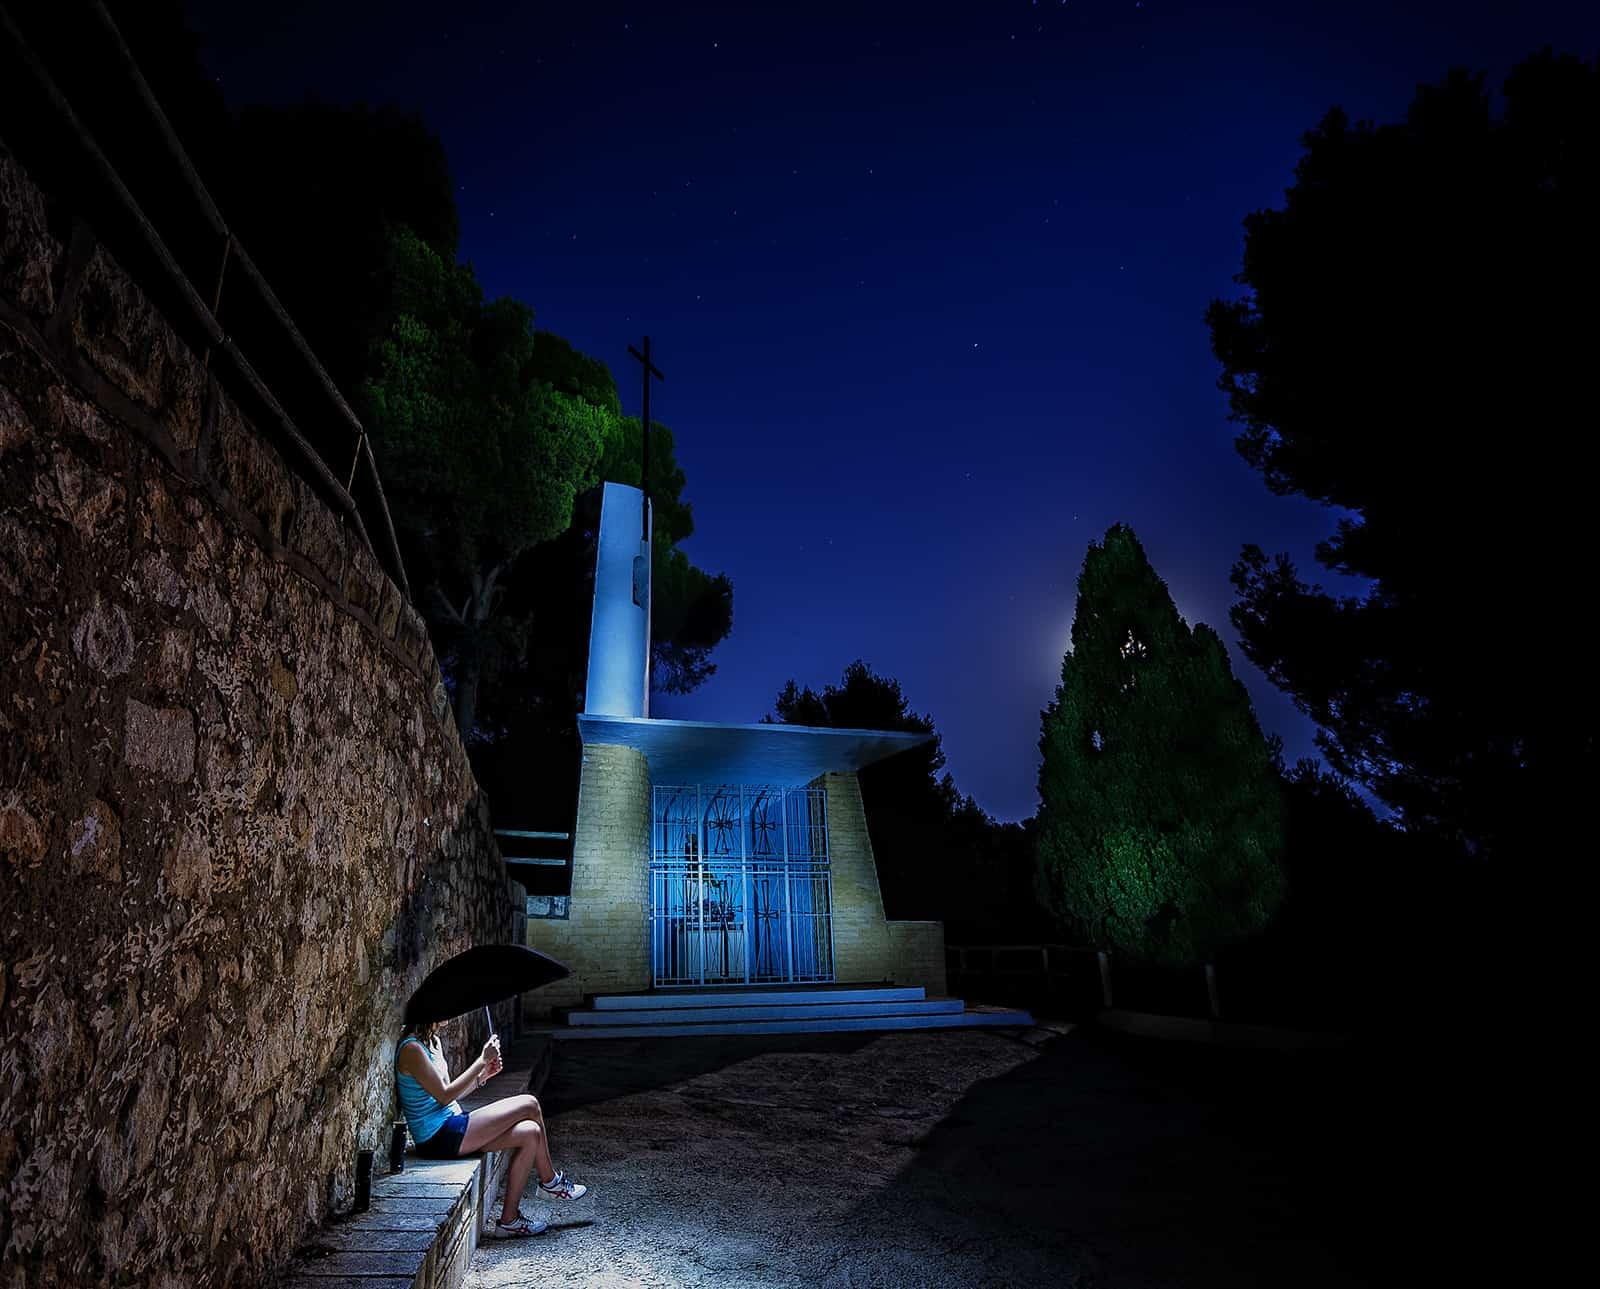 nocturna con luna llena